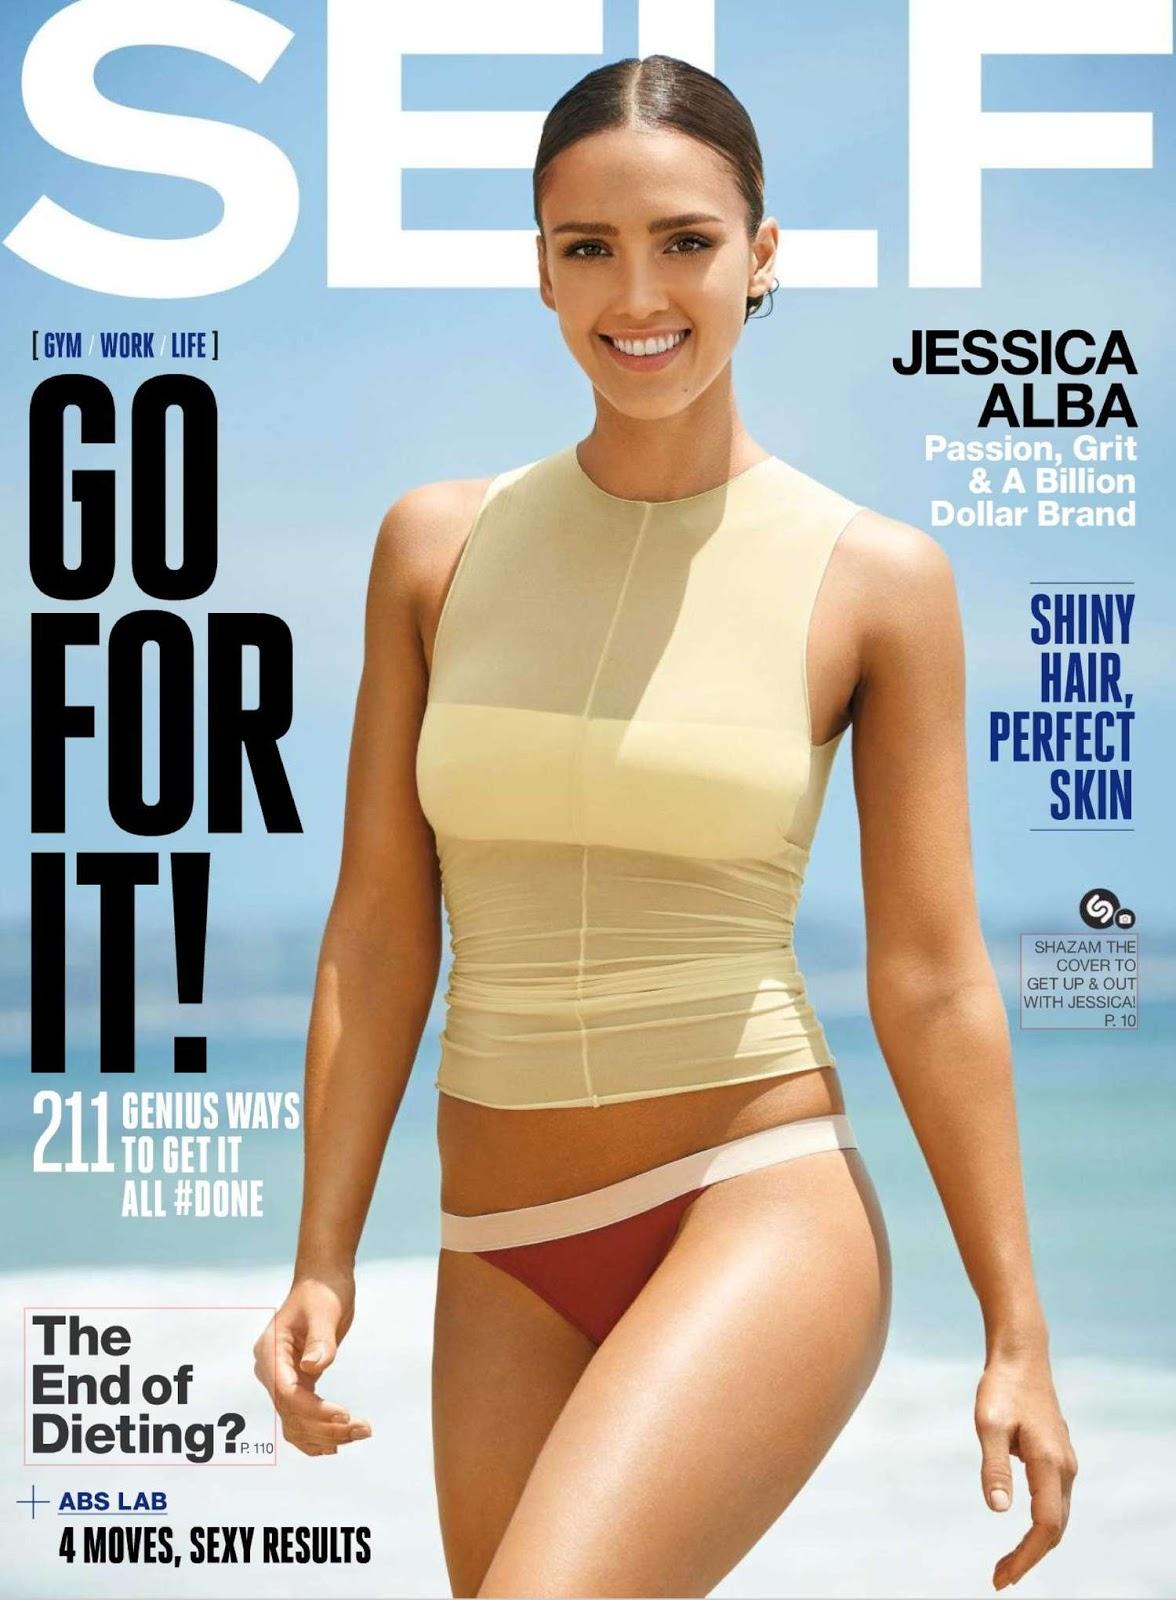 Jessica alba wikipedia